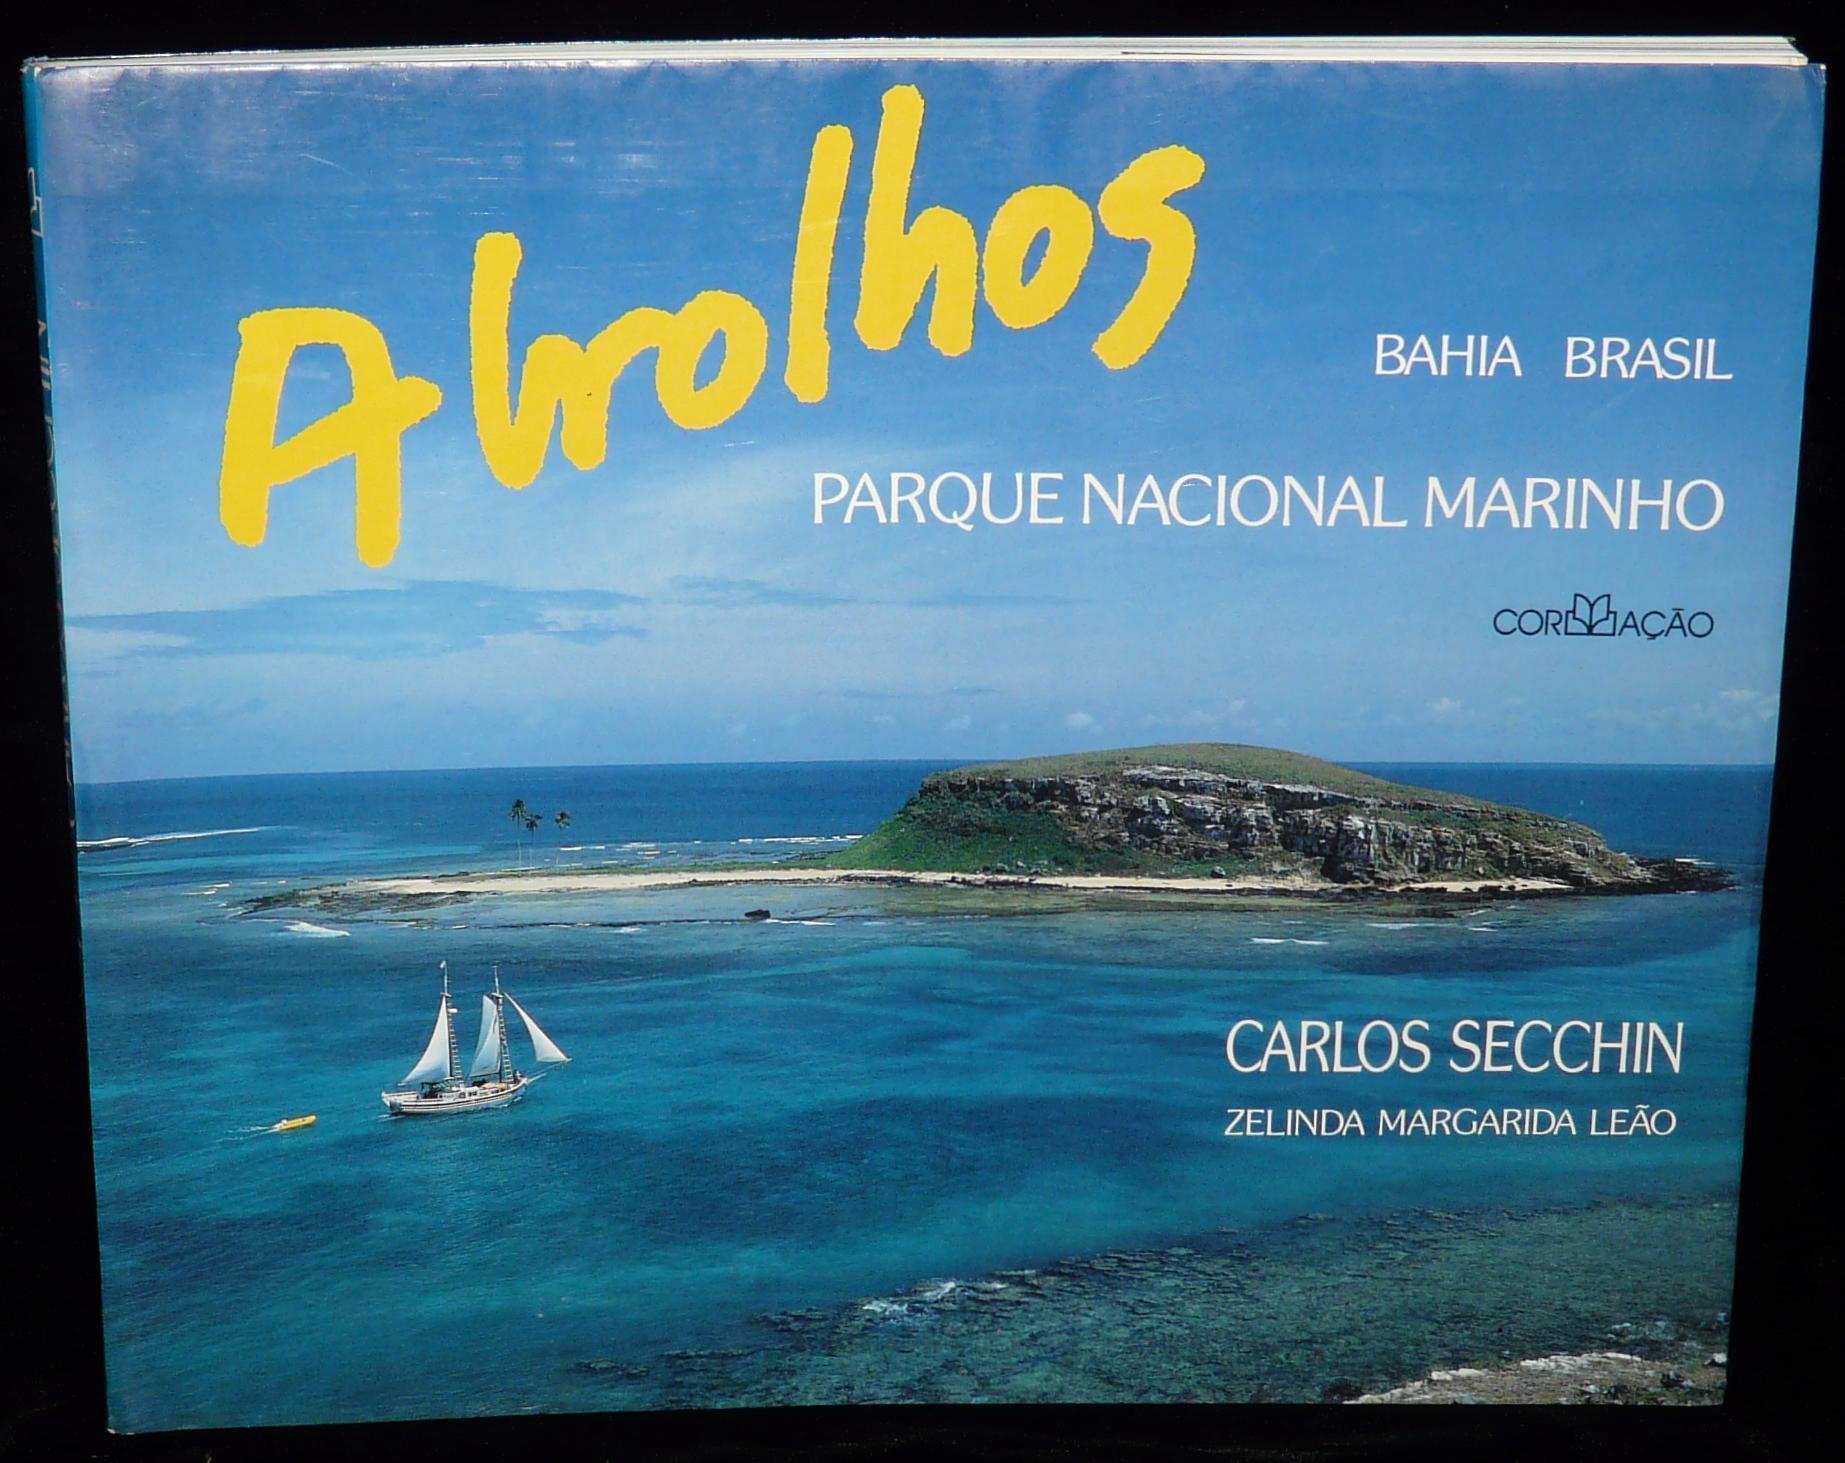 ABROLHOS, PARQUE NACIONAL MARINHO. - Secchin, Carlos (photographer); Zelinda Margarida Leão (text).